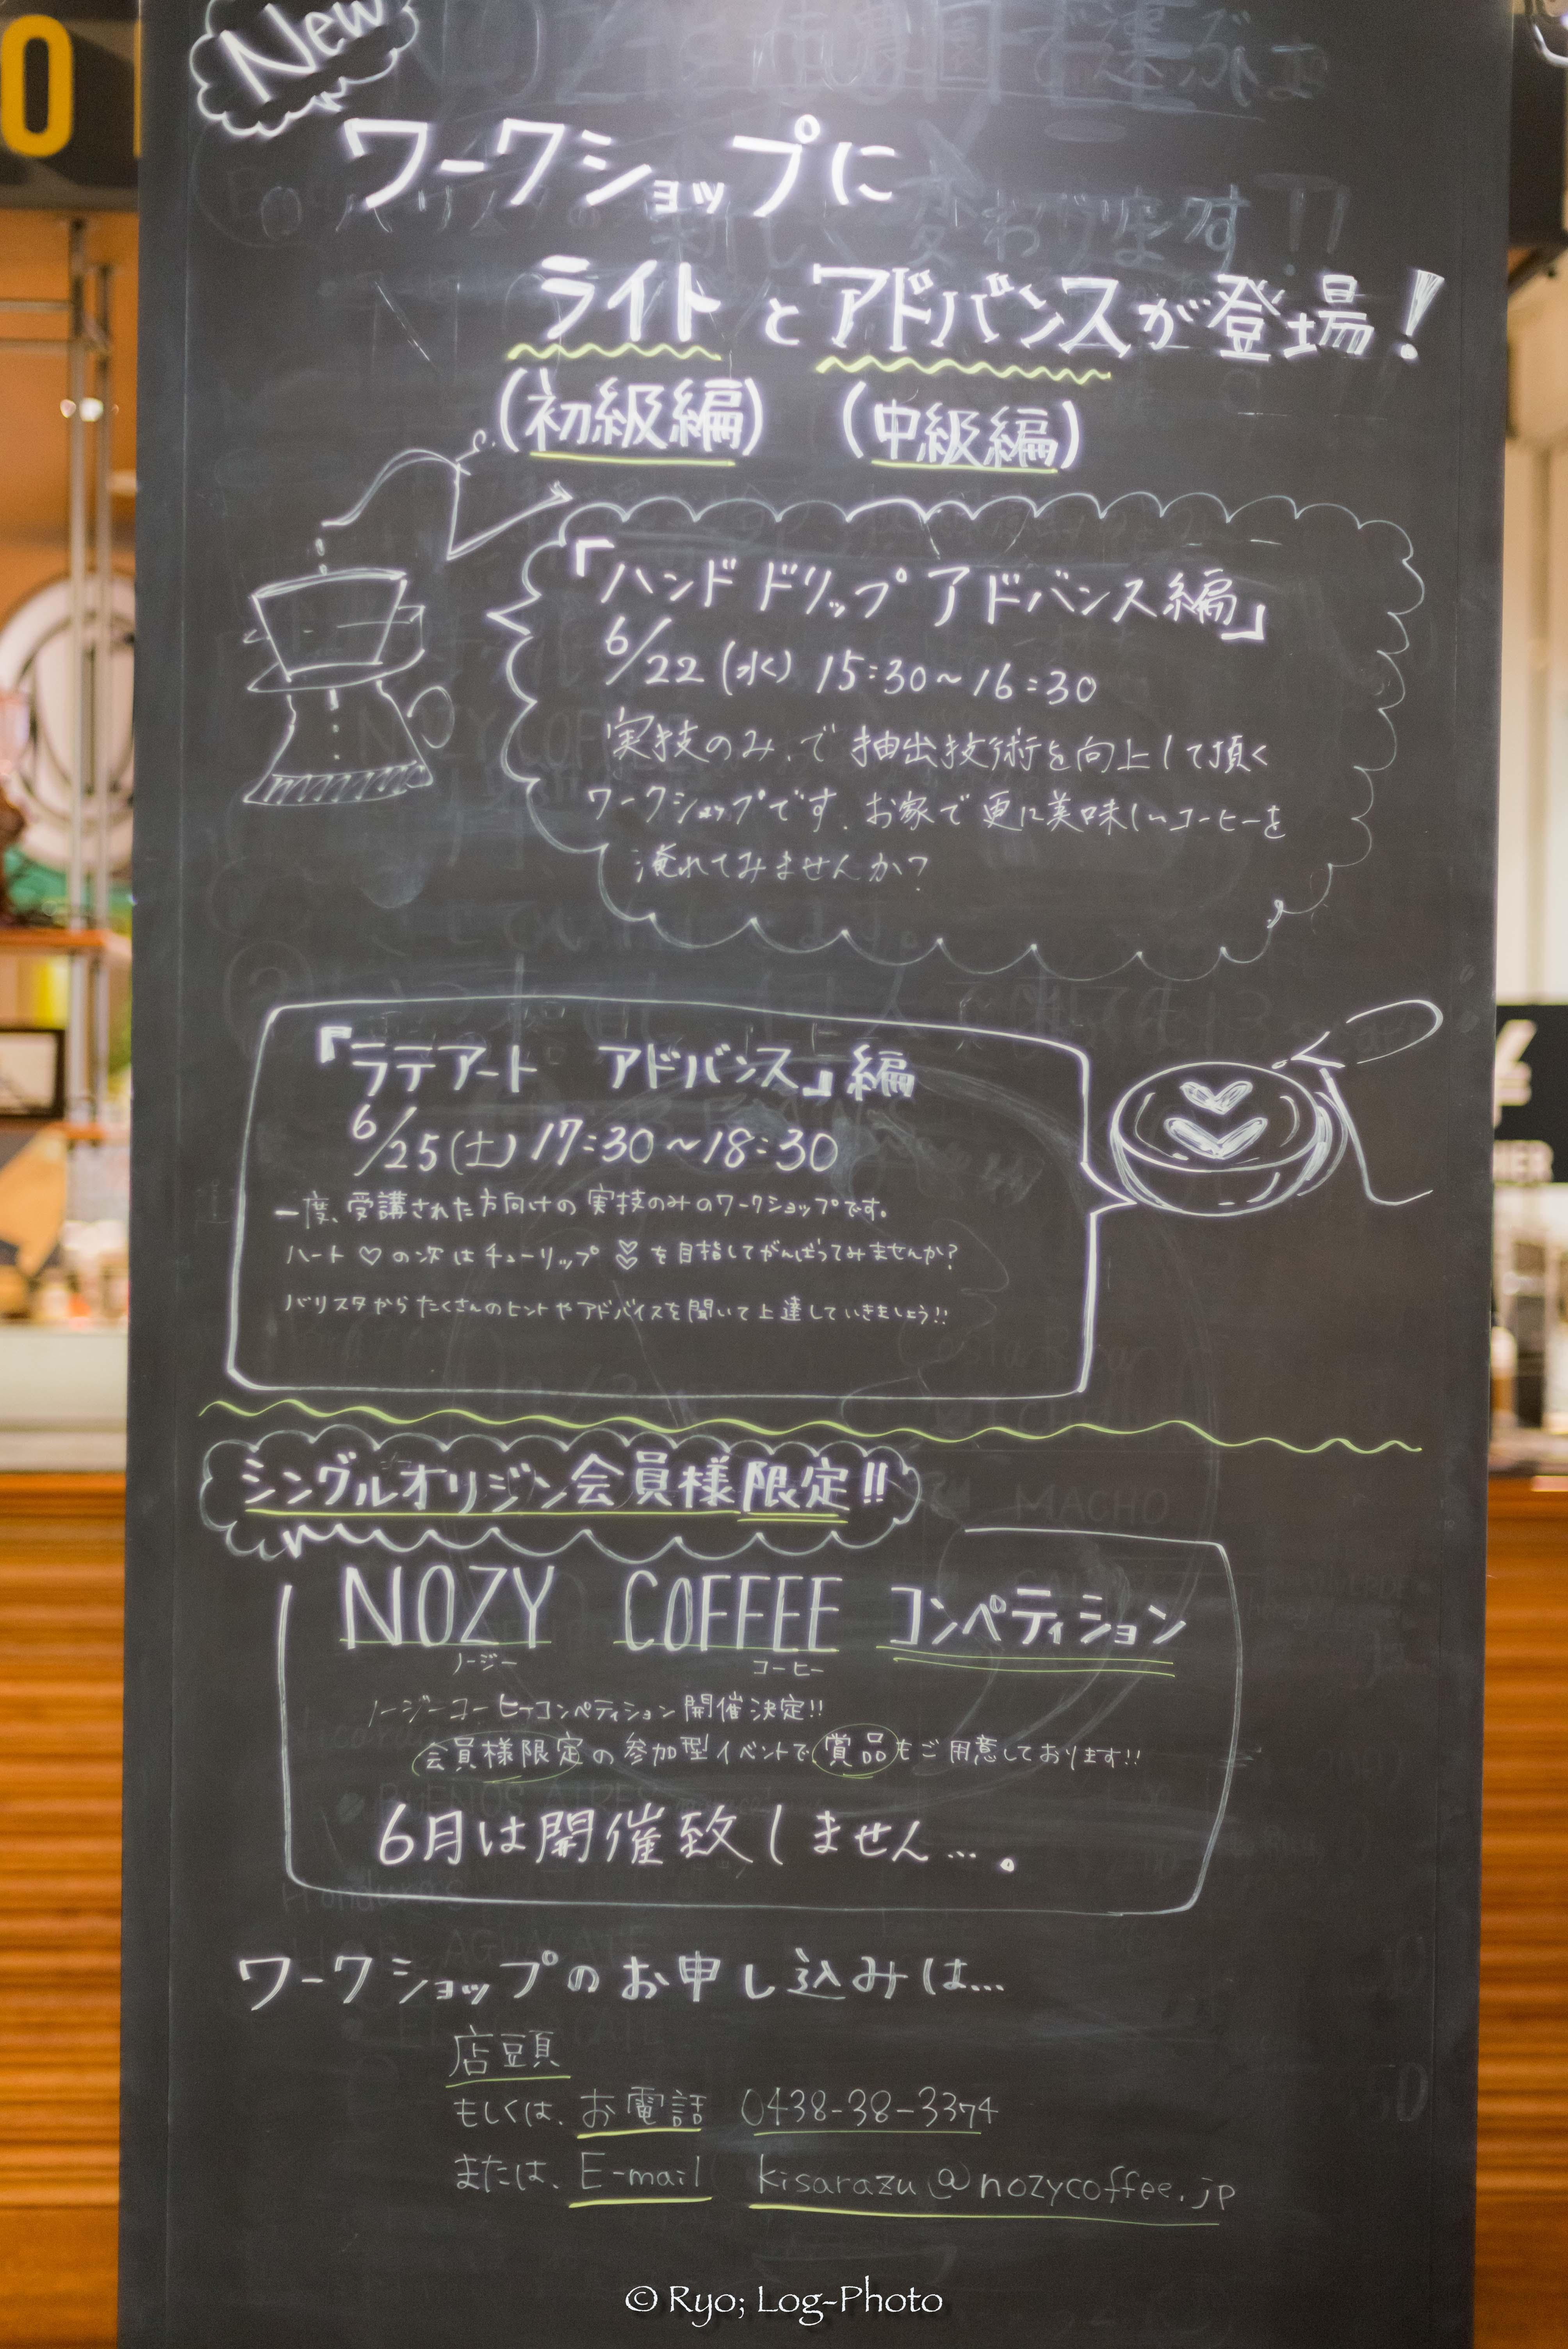 ノージーコーヒー コーヒー教室